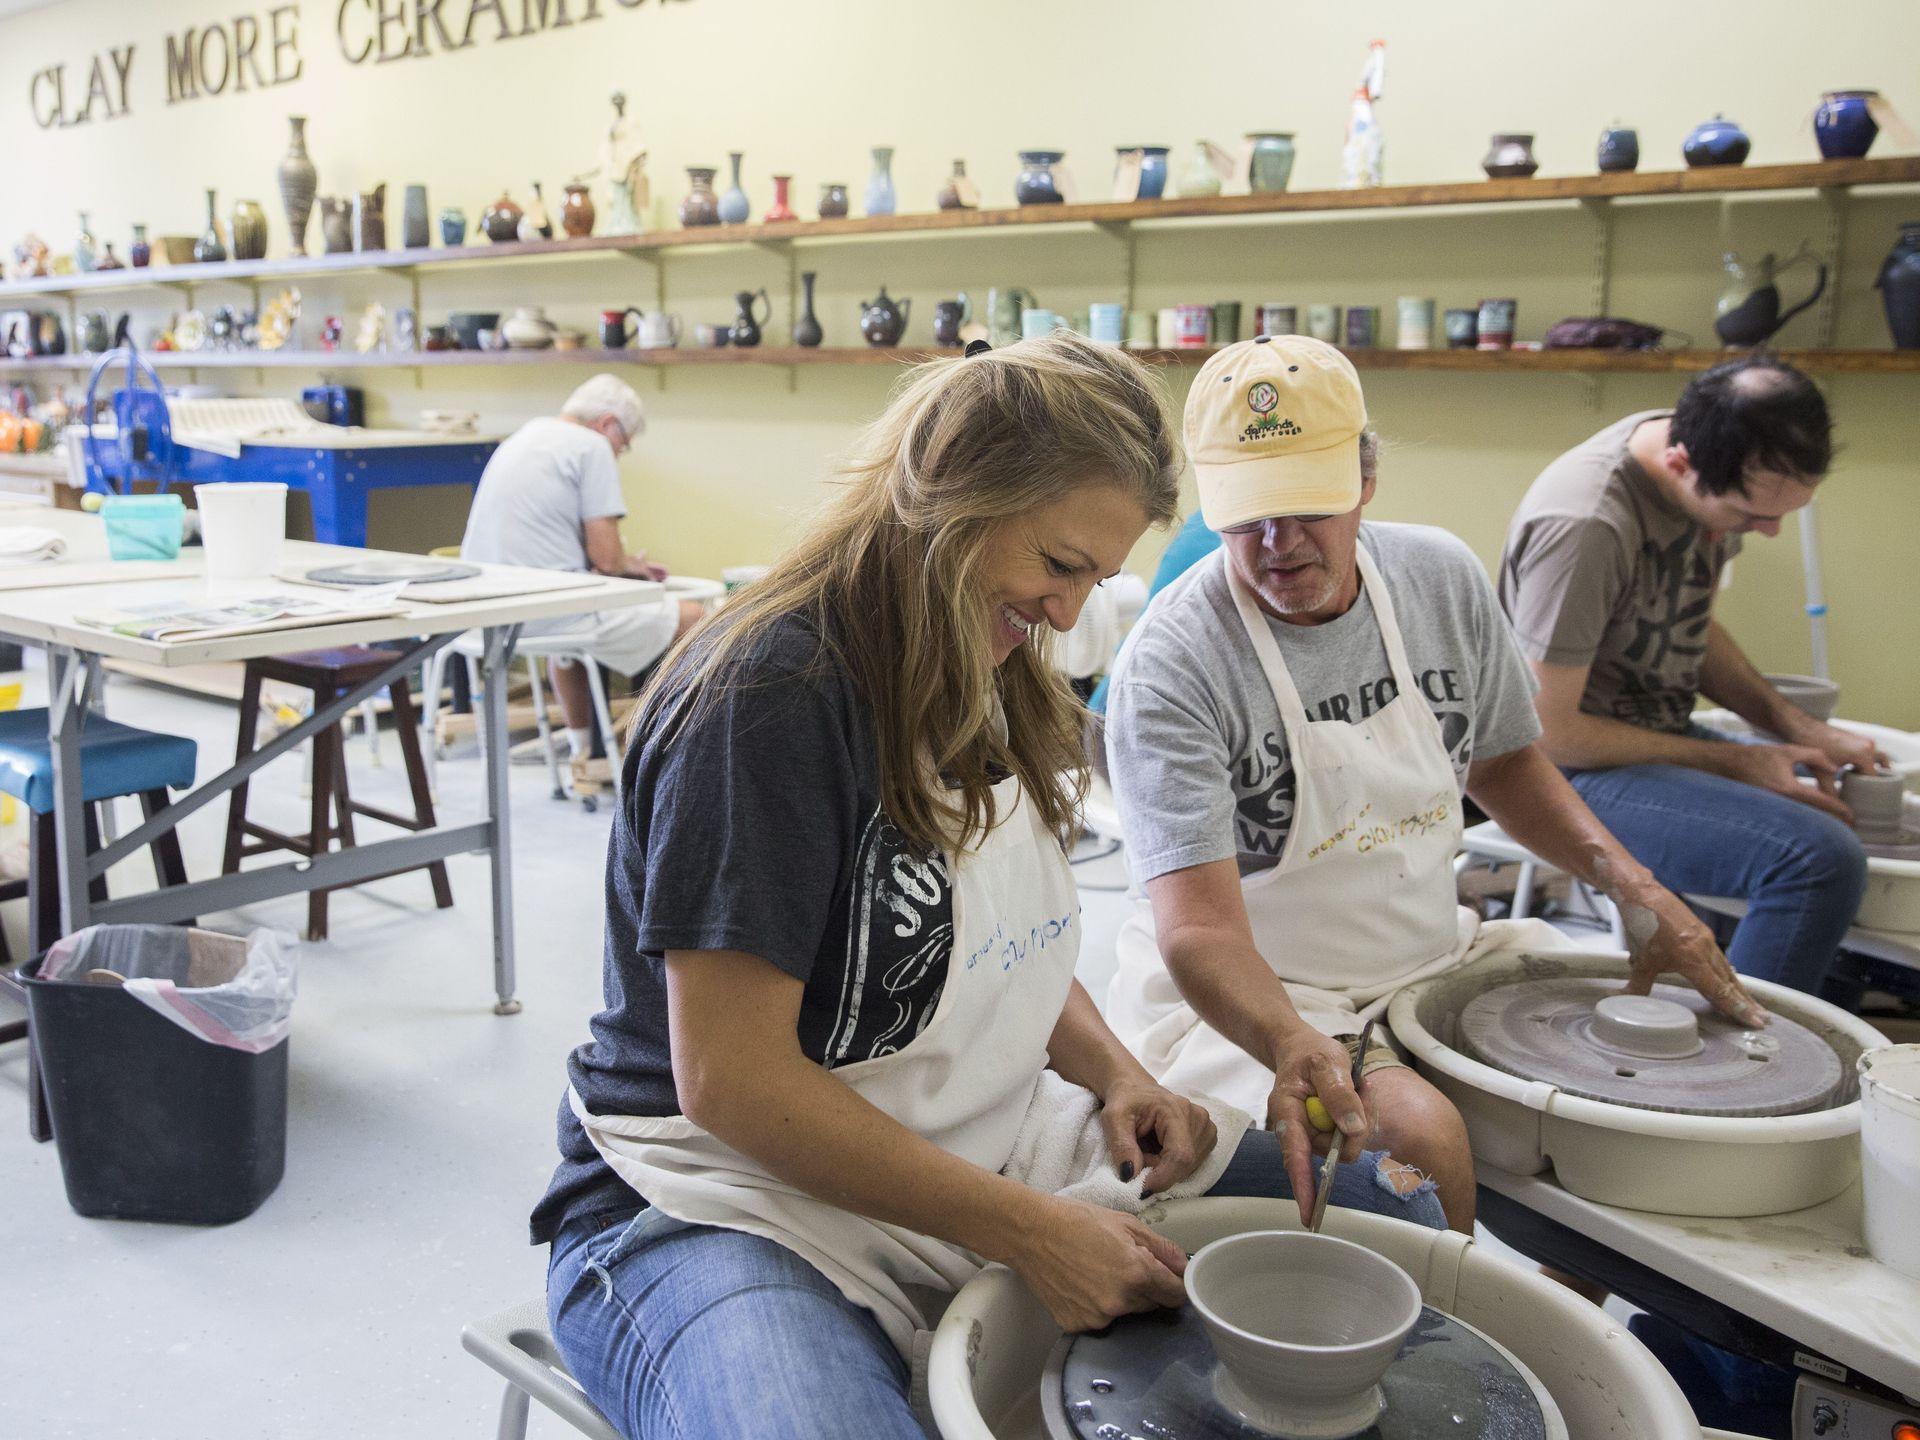 Classes | Clay More Ceramics | United States